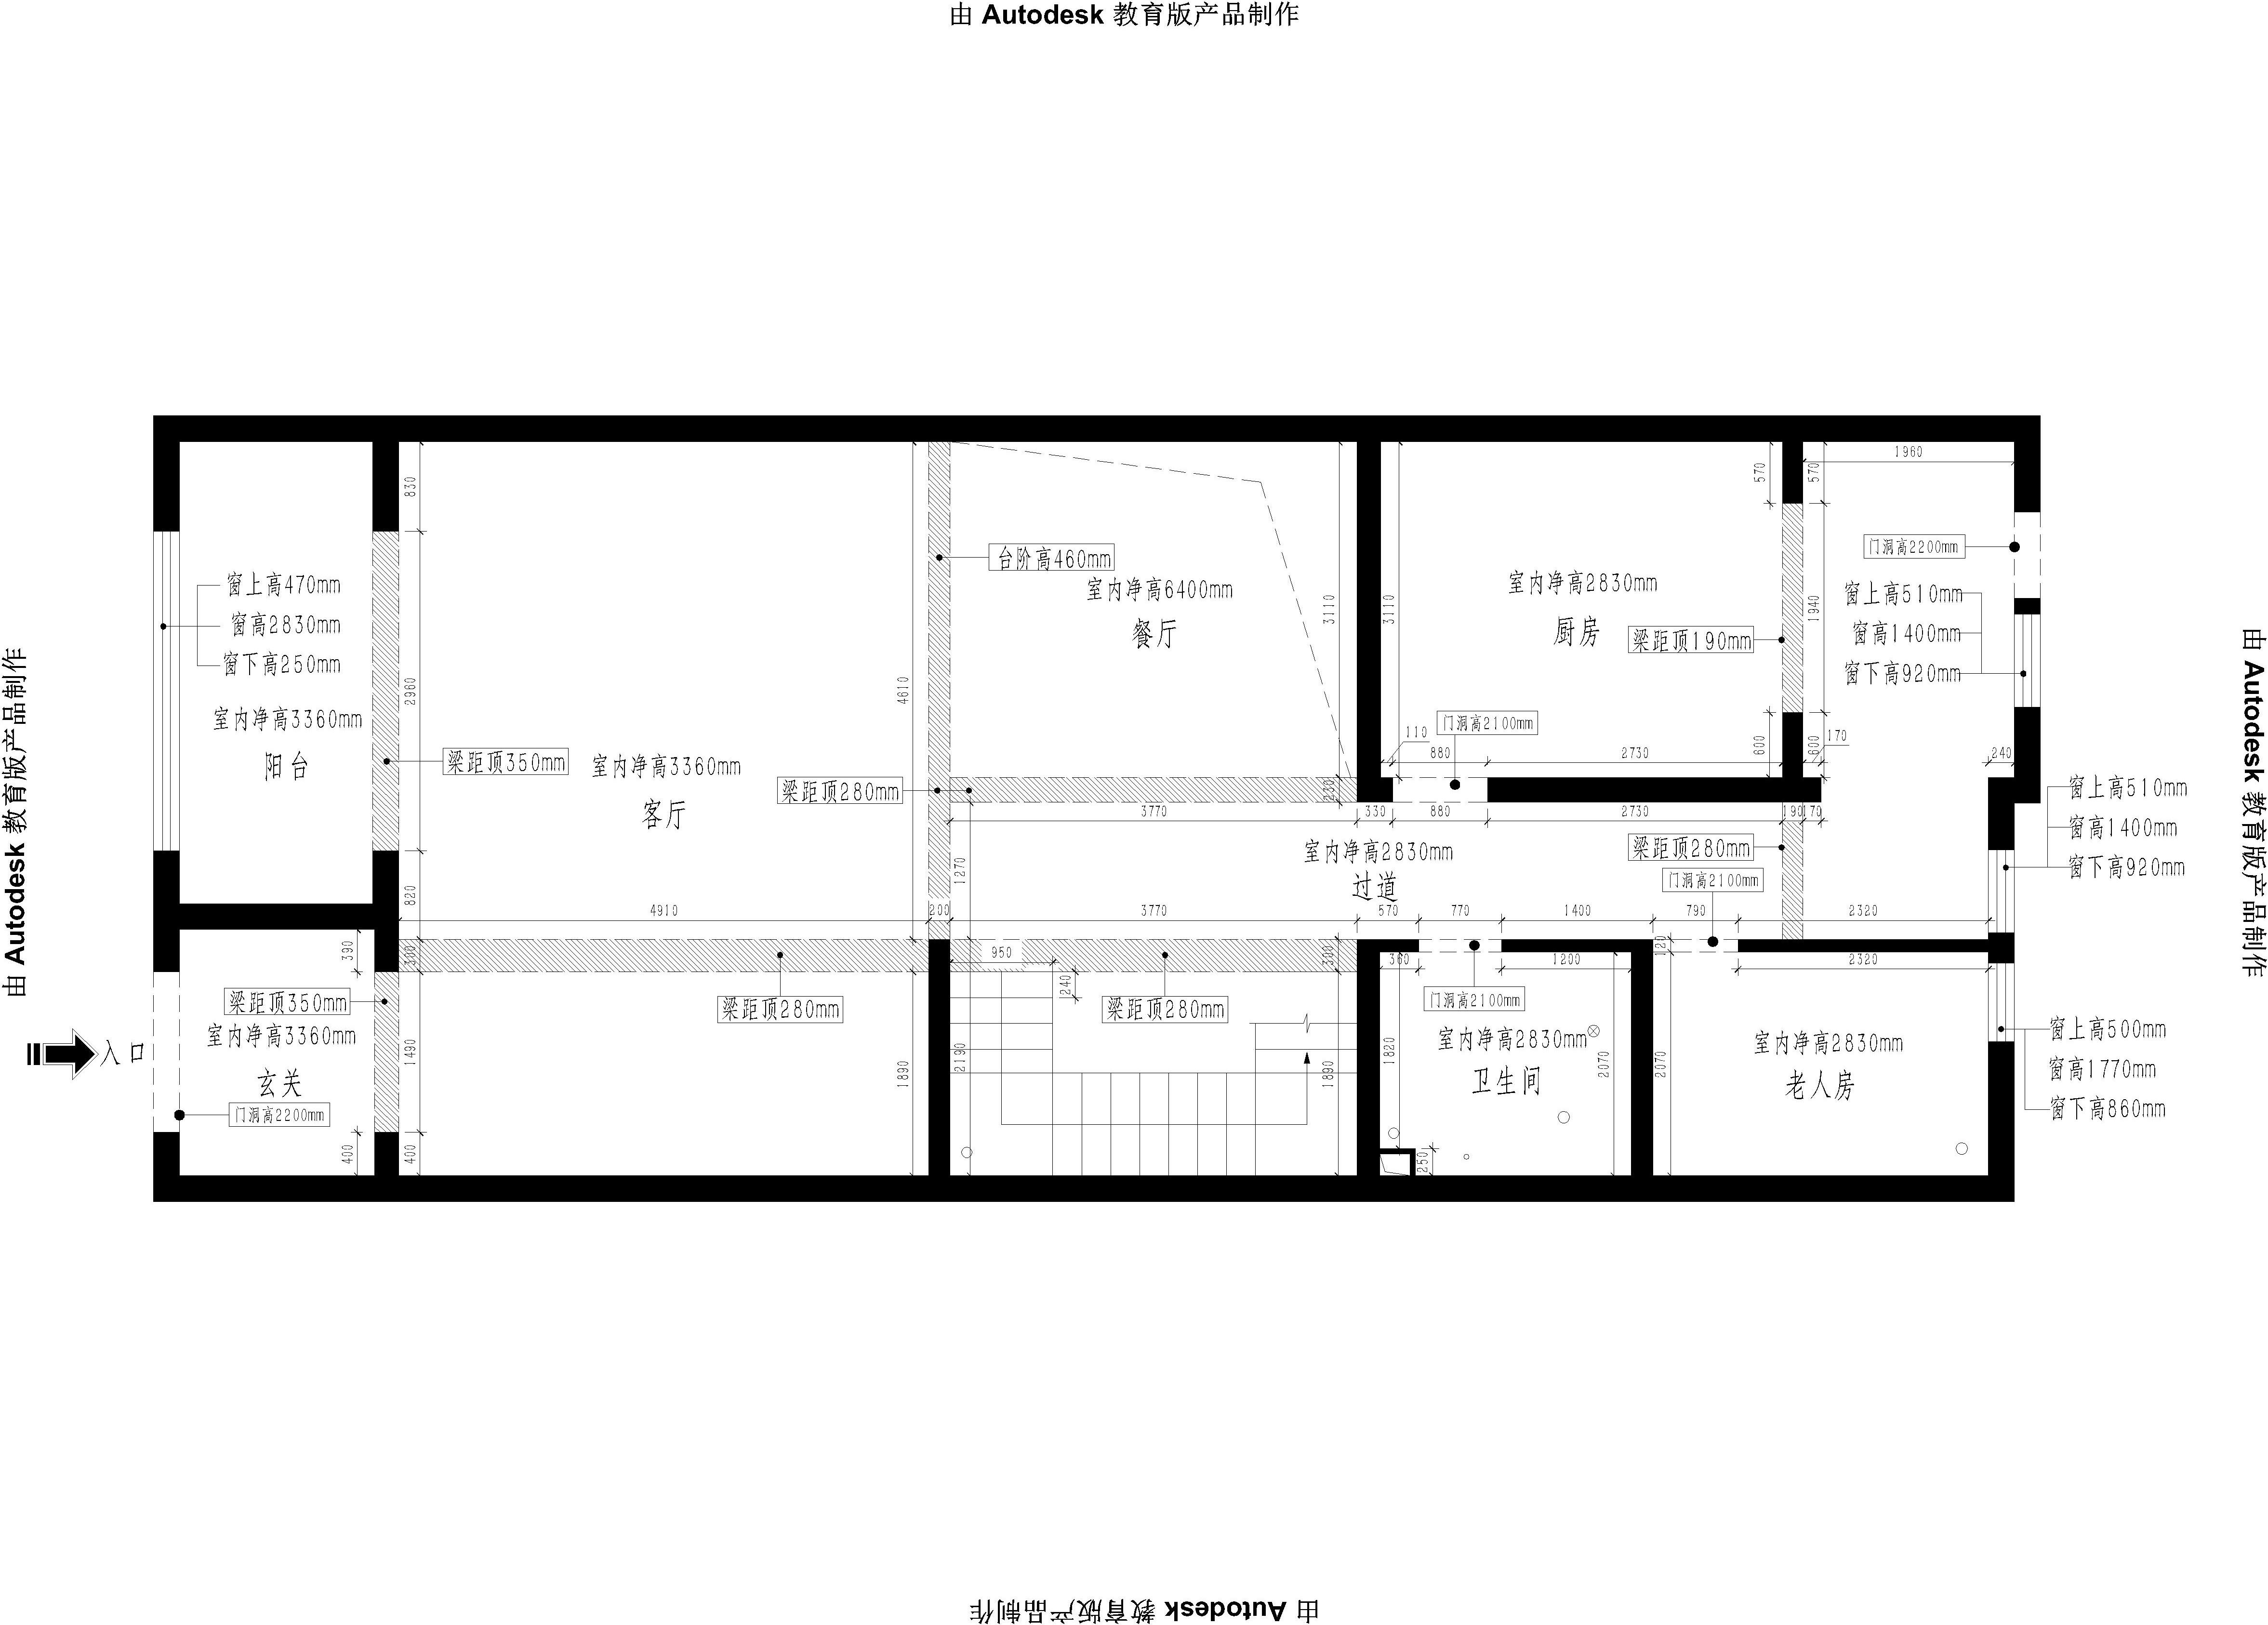 双湖景苑-中式性状style-272m/2装潢策划愿景